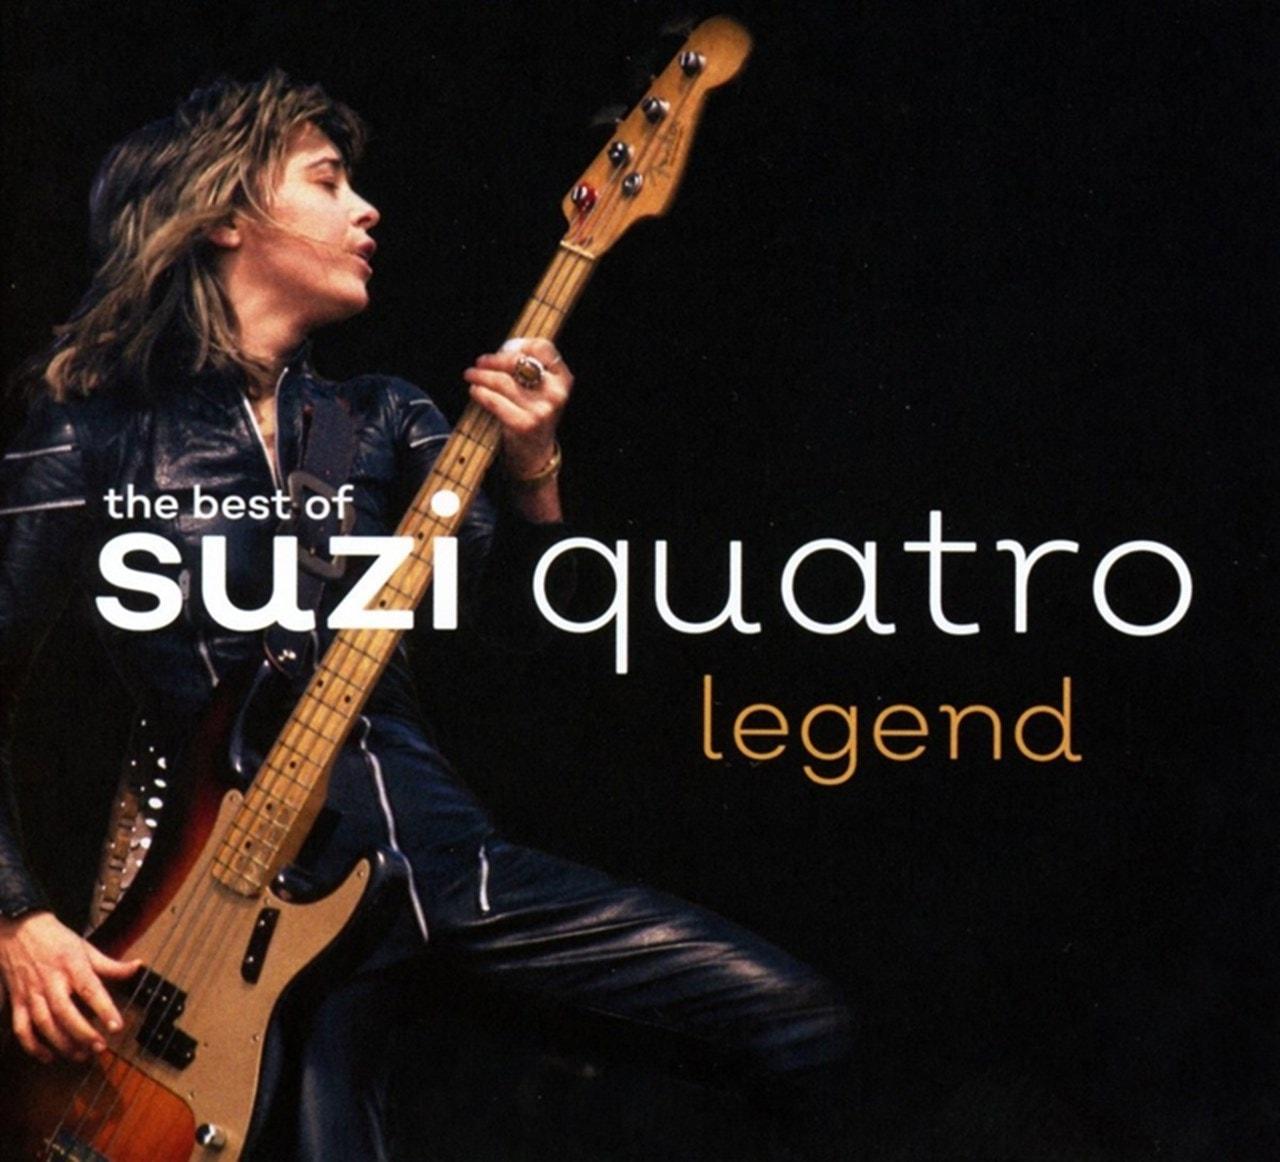 Legend: The Best of Suzi Quatro - 1